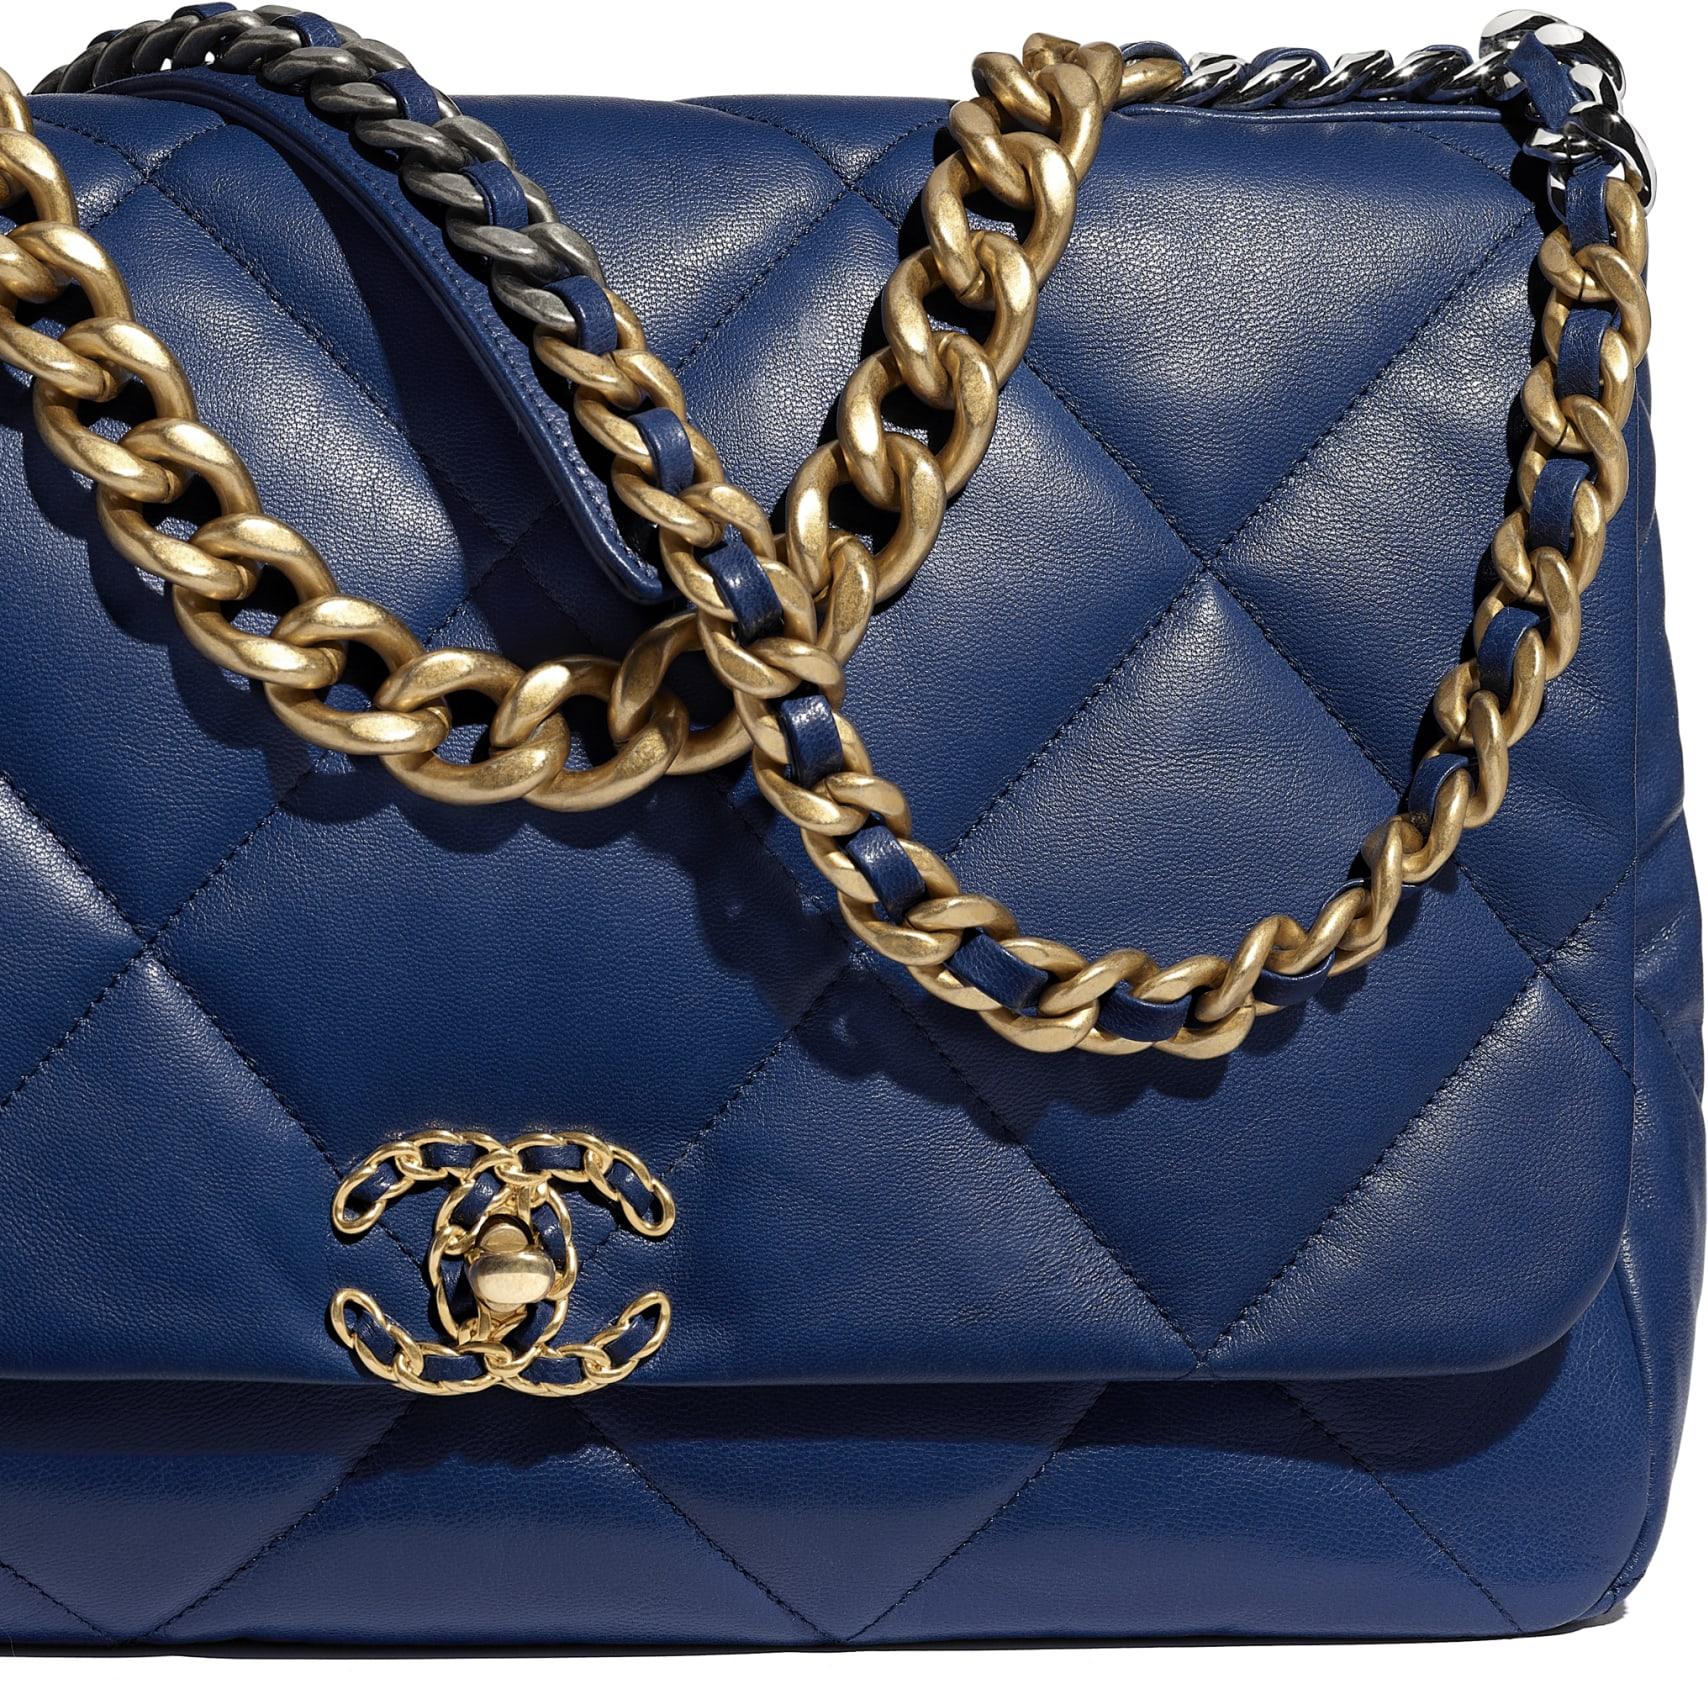 CHANEL 19 Maxi Flap Bag